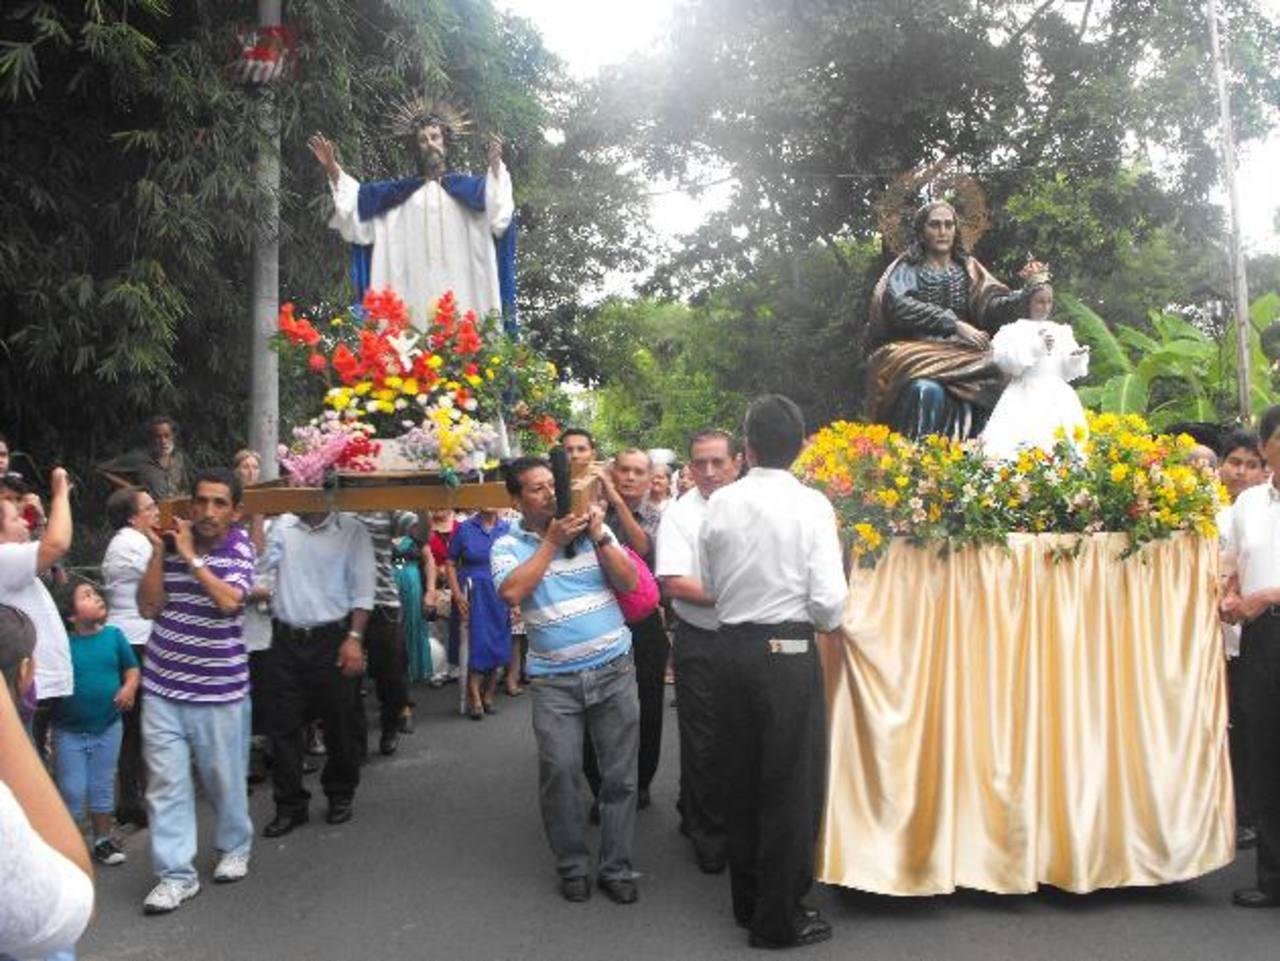 Señora Santa Ana acompañó al Divino Salvador del Mundo durante la actividad. Foto EDH / MAURICIO GUEVARA